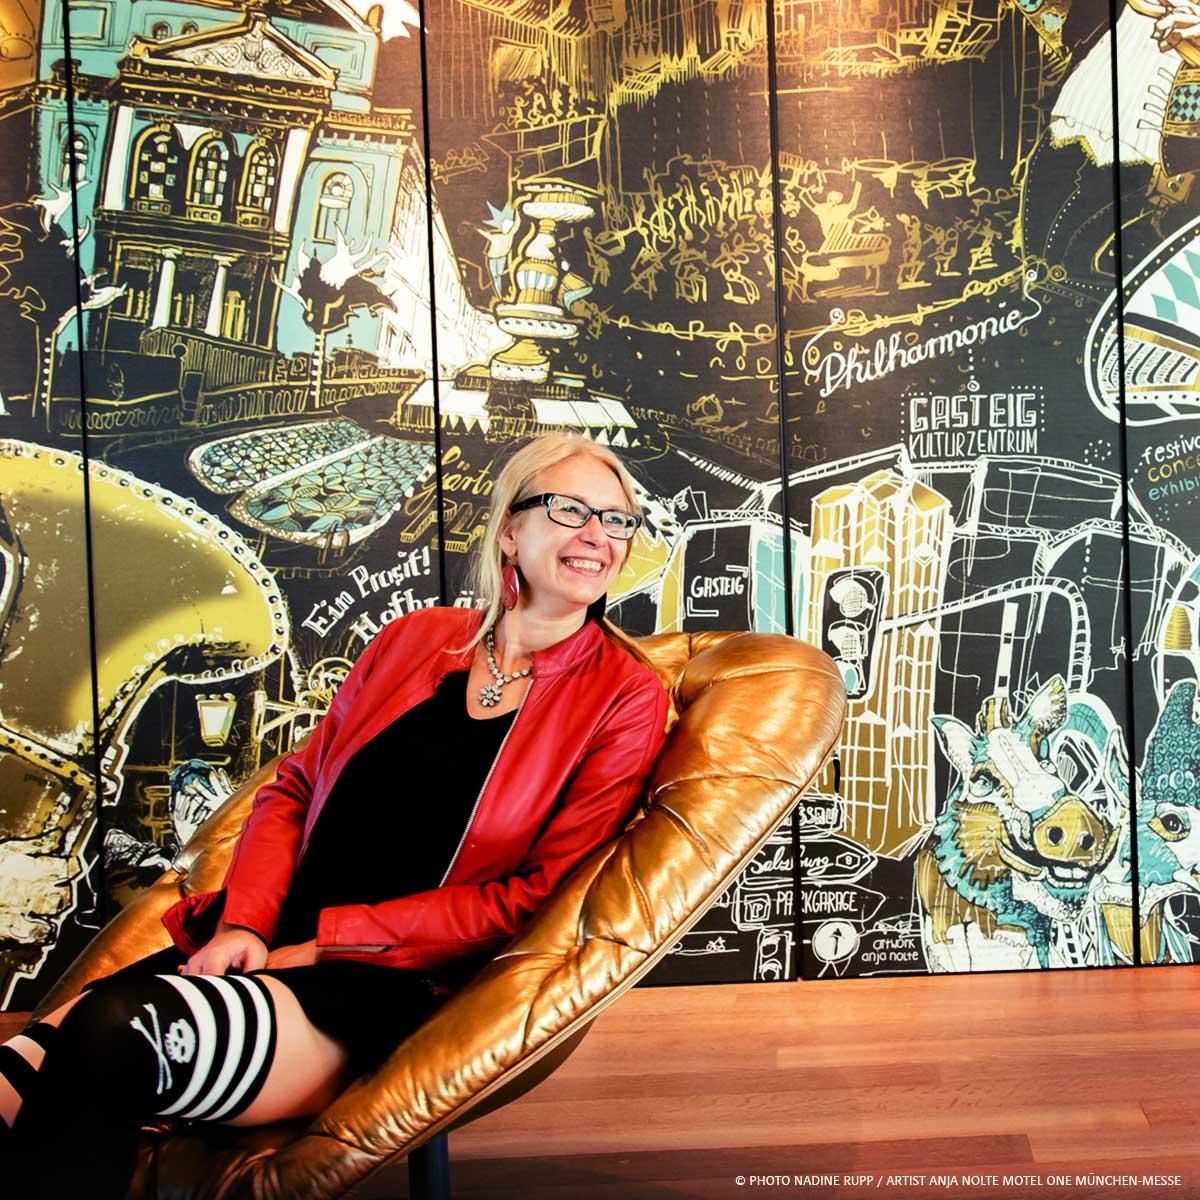 Foto der Künstlerin Anja Nolte vor der von ihr gestalteten Nigtlifewand im Mote One München Messe